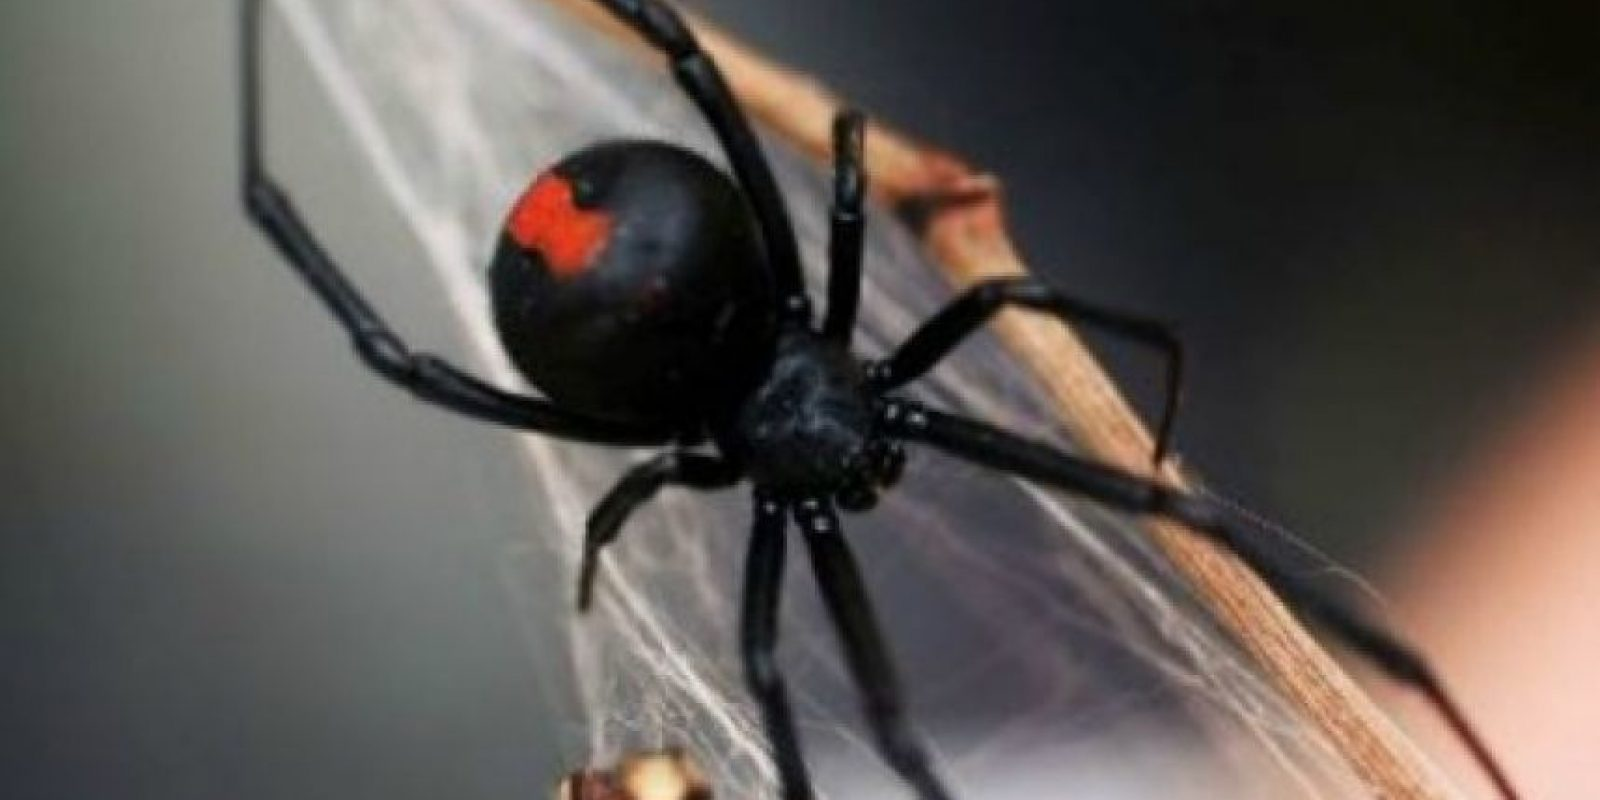 Araña espalda roja: su picadura puede ser muy dolorosa y mortal en algunos casos. Foto:aracnipedia.com